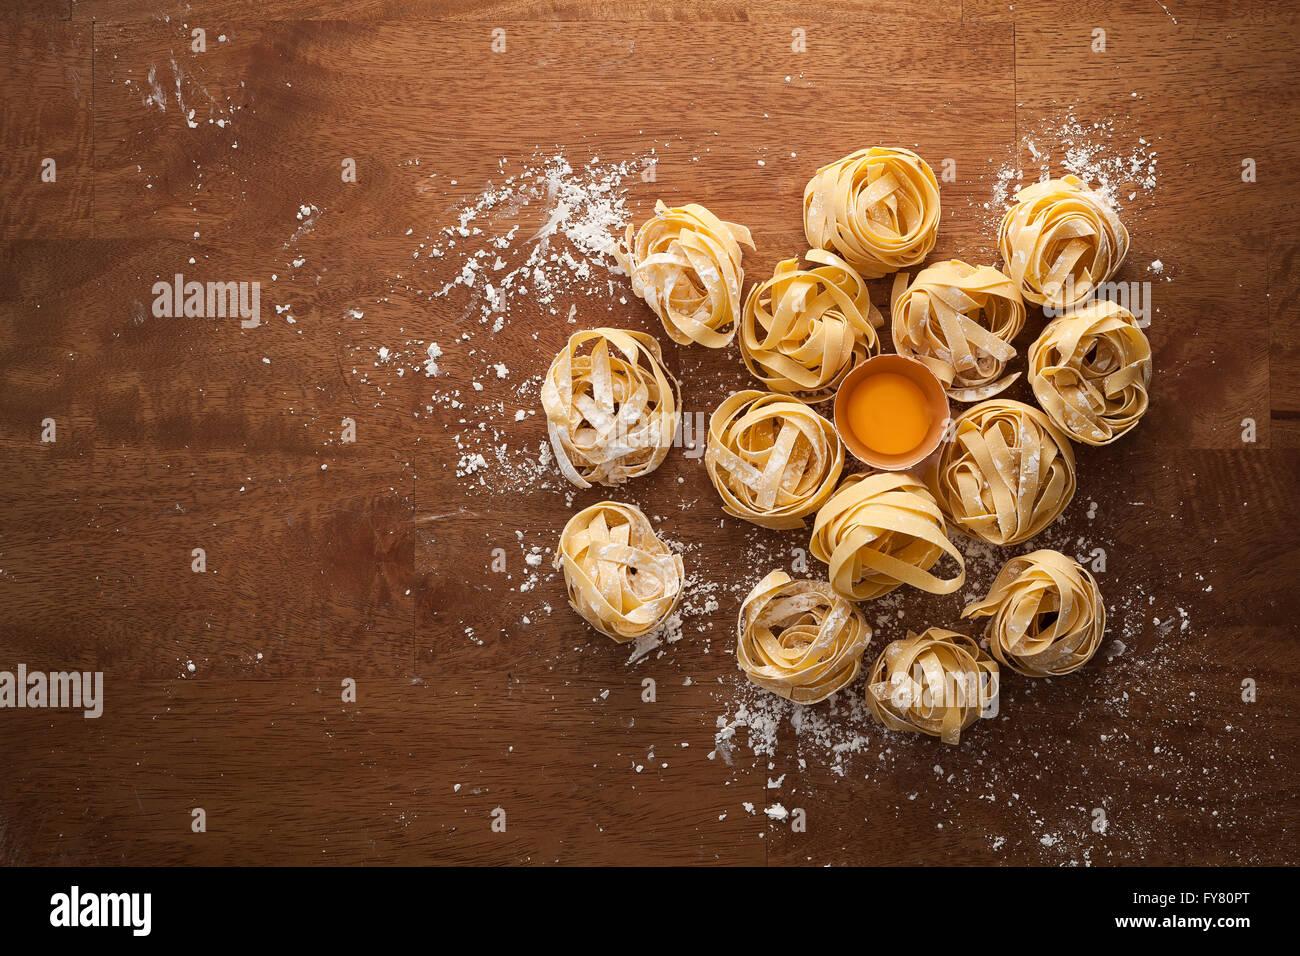 Cuisine italienne pâtes fettuccine vie encore télévision rustique bois laïcs tagliatelle alfredo Photo Stock